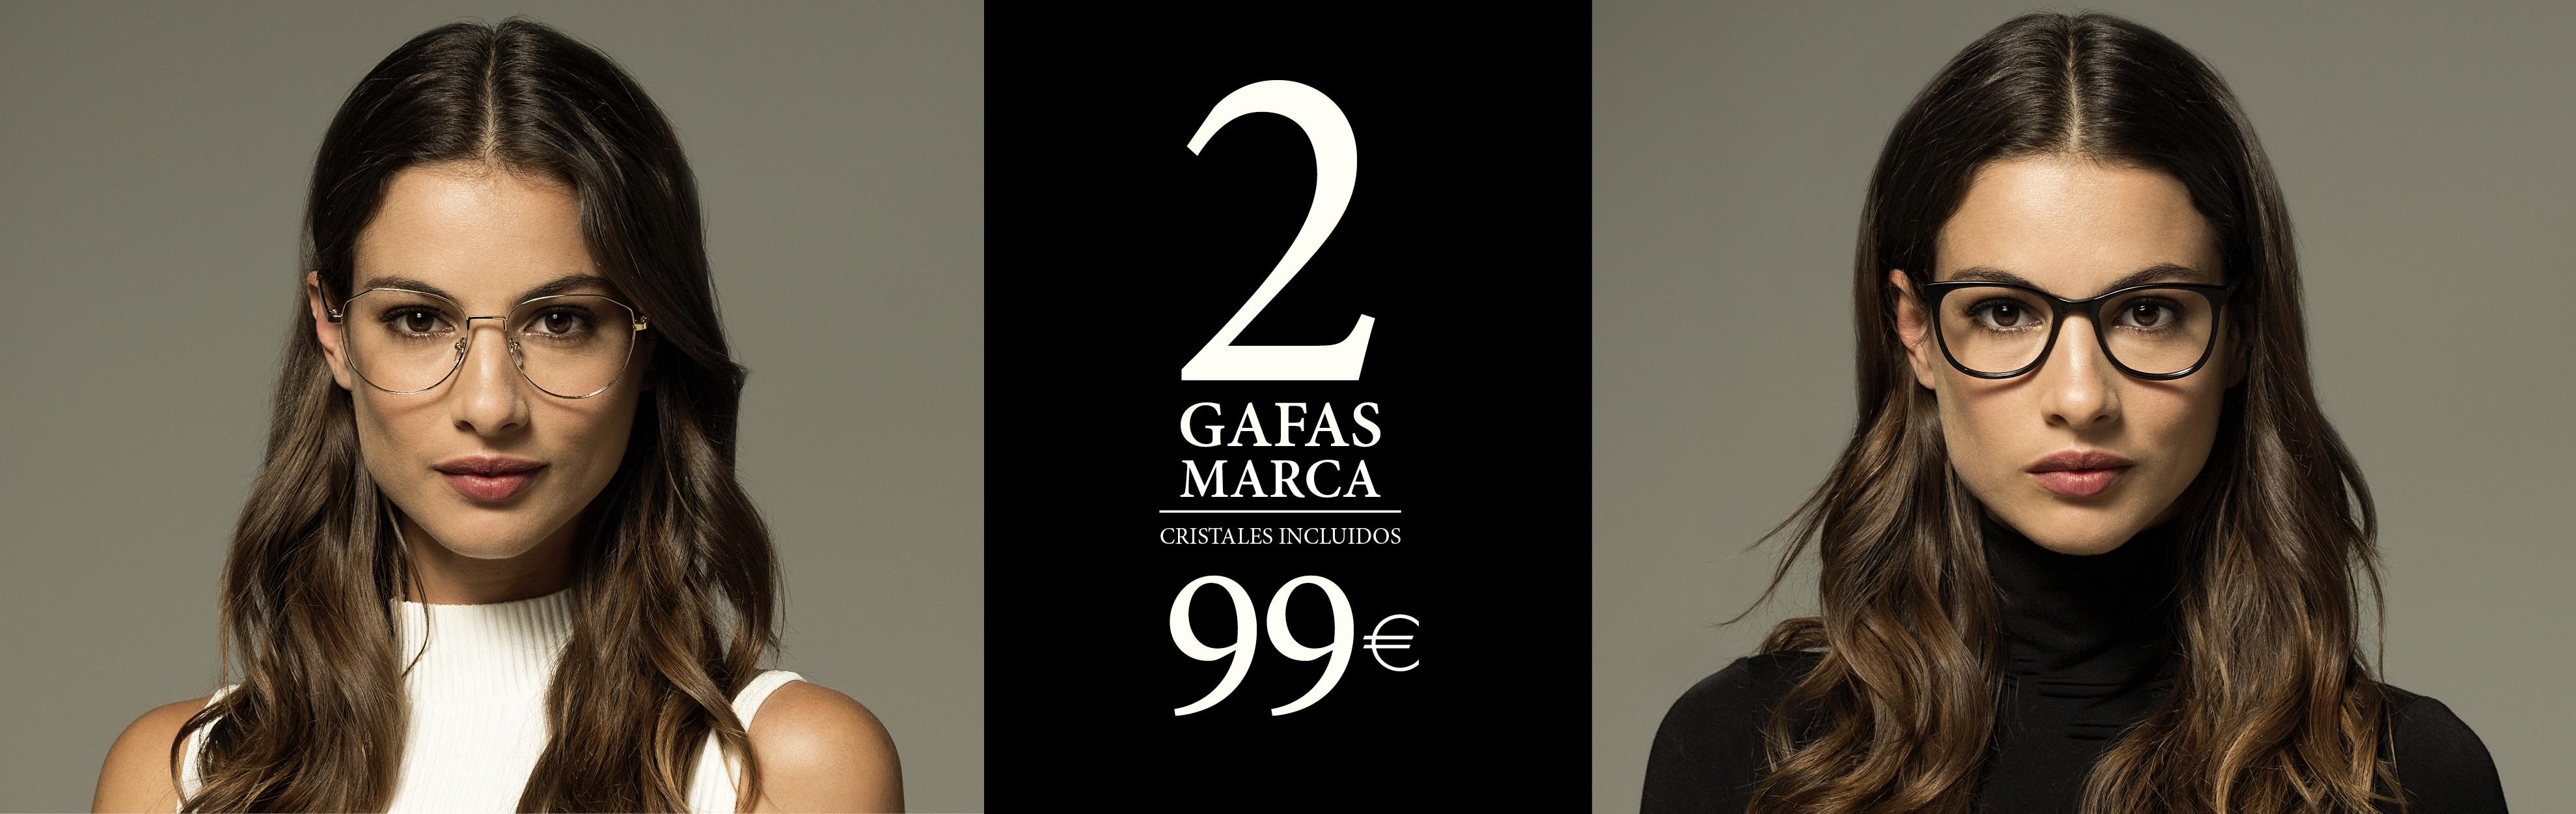 2 gafas de marca por 99€